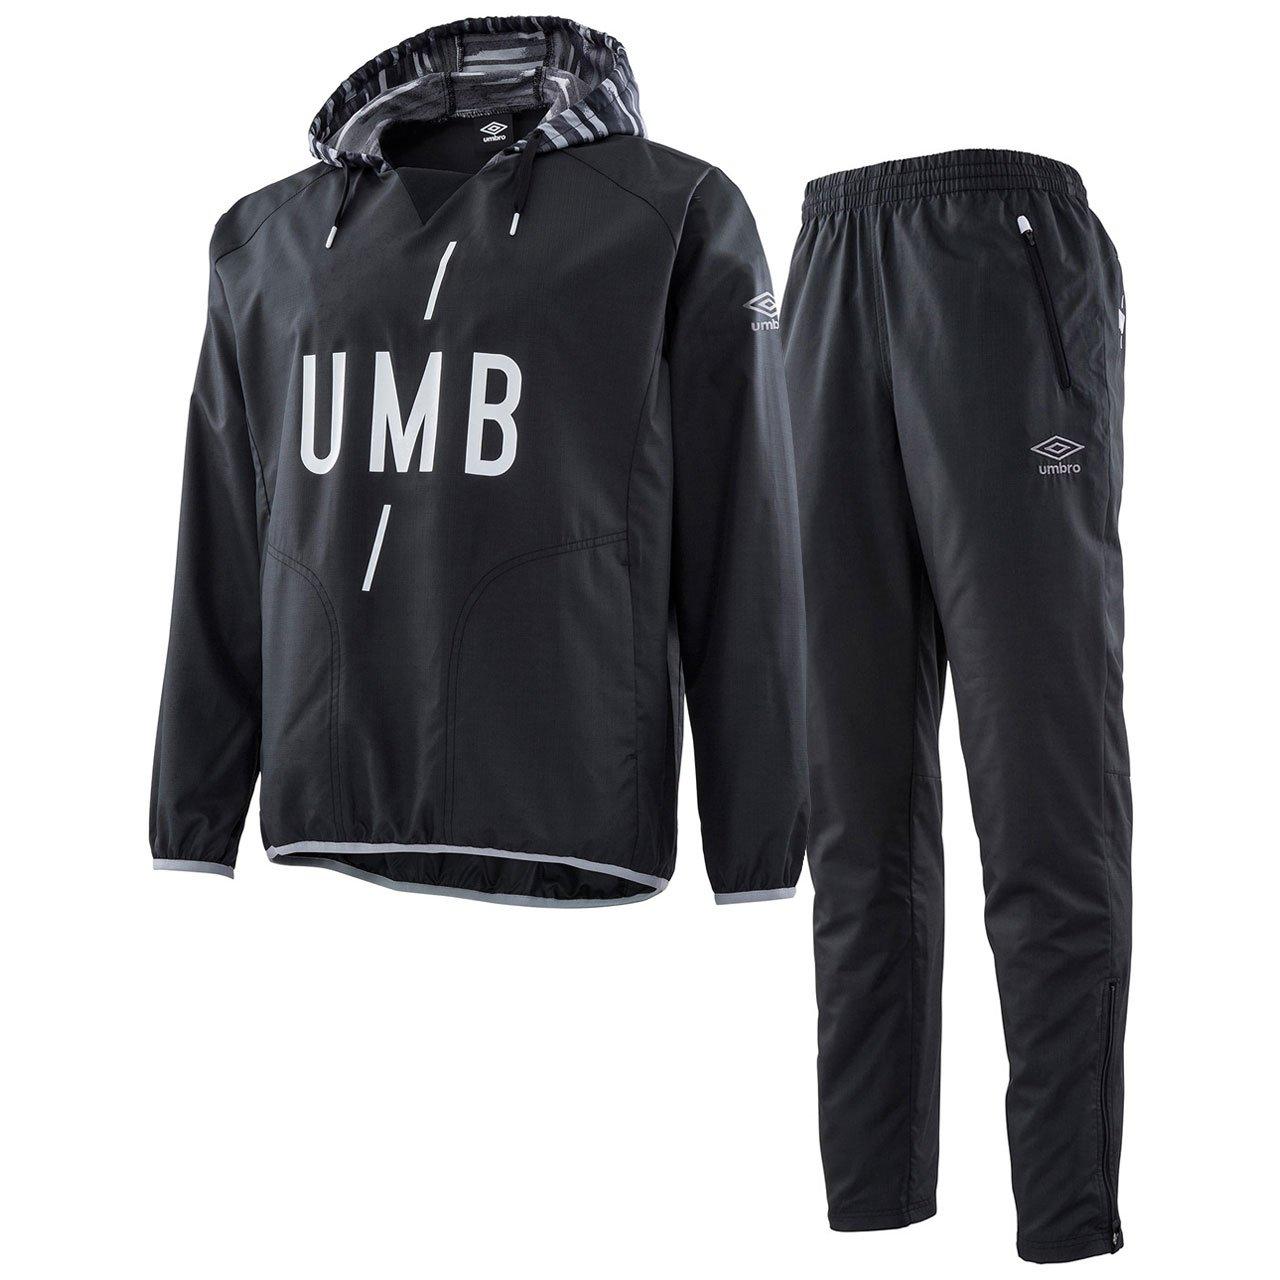 アンブロ(UMBRO) URA ピステトップ&ラインドロングパンツ 上下セット(ブラック/ブラック) UMULJF33-BLK-UMULJG32-BLK B07DLV5SRH 日本 O-(日本サイズ2L相当)|ブラック/ブラック ブラック/ブラック 日本 O-(日本サイズ2L相当)